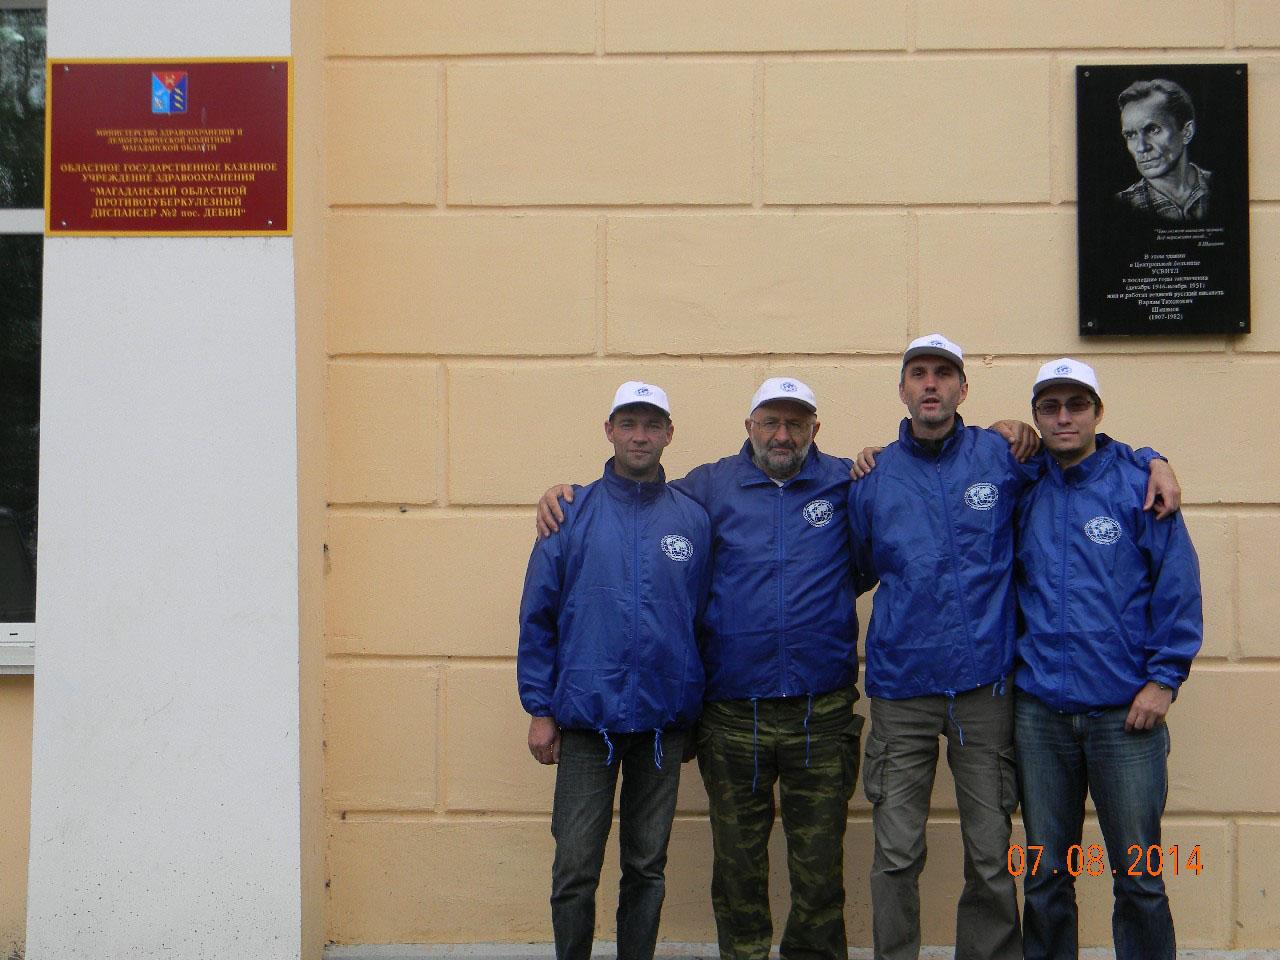 Члены экспедиции у памятной доски Шаламову на больнице. Поселок Дебин.